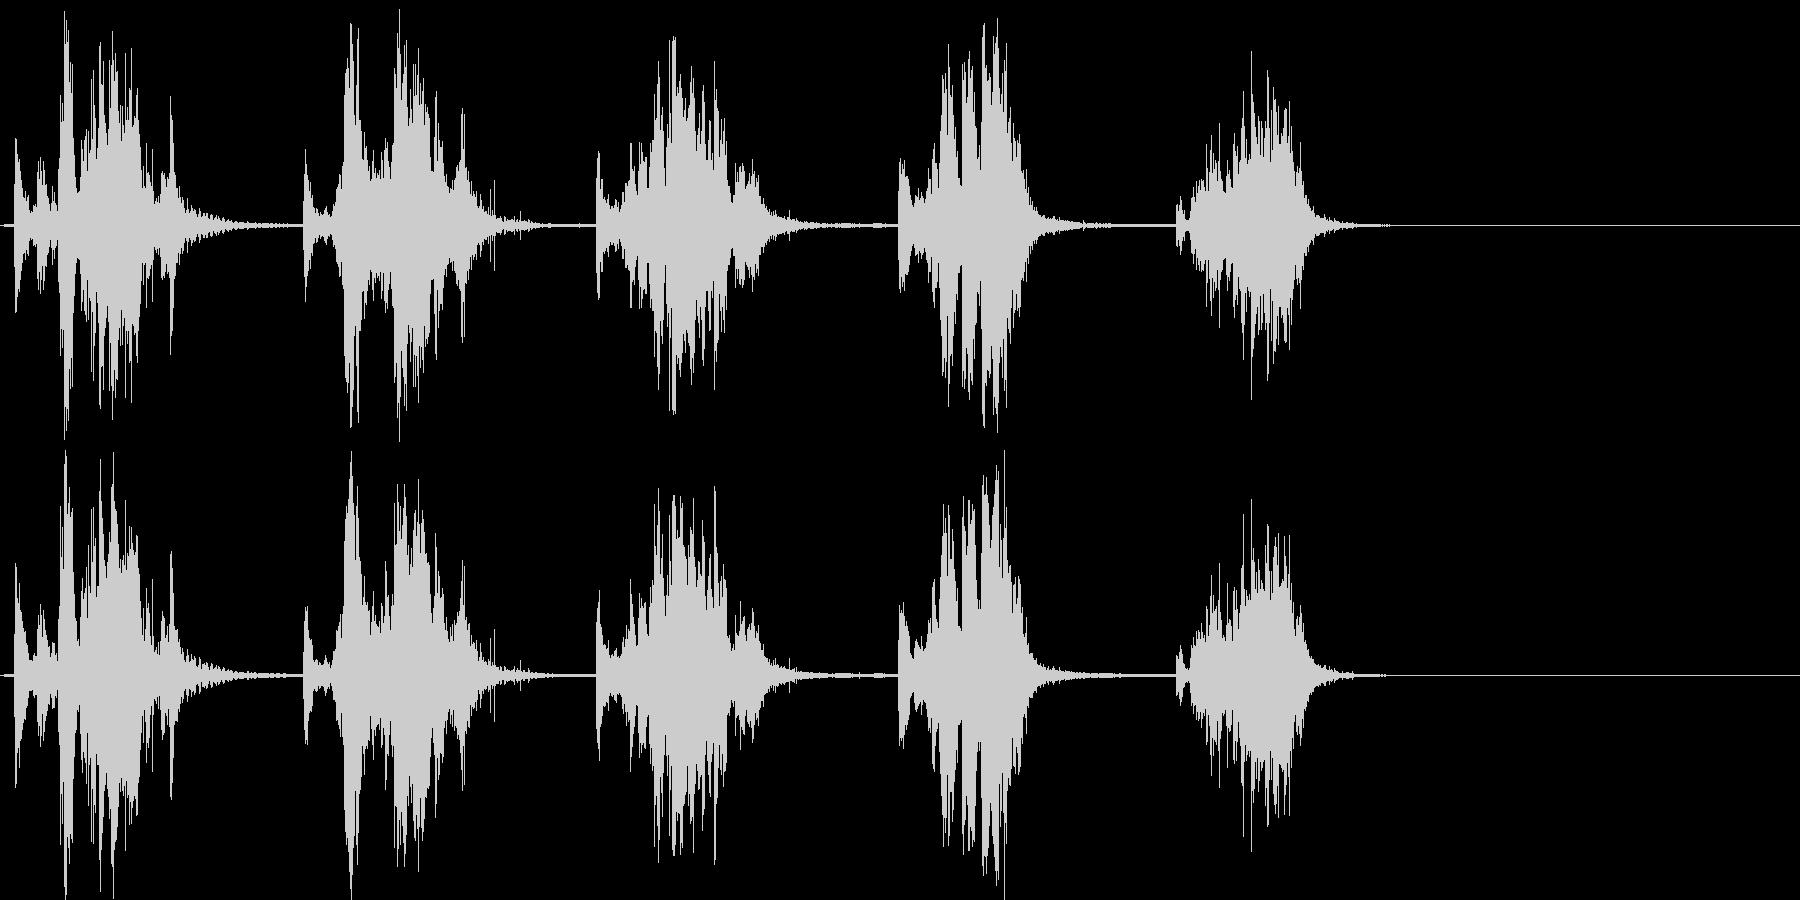 シャベルスクラップ;メタリックラト...の未再生の波形